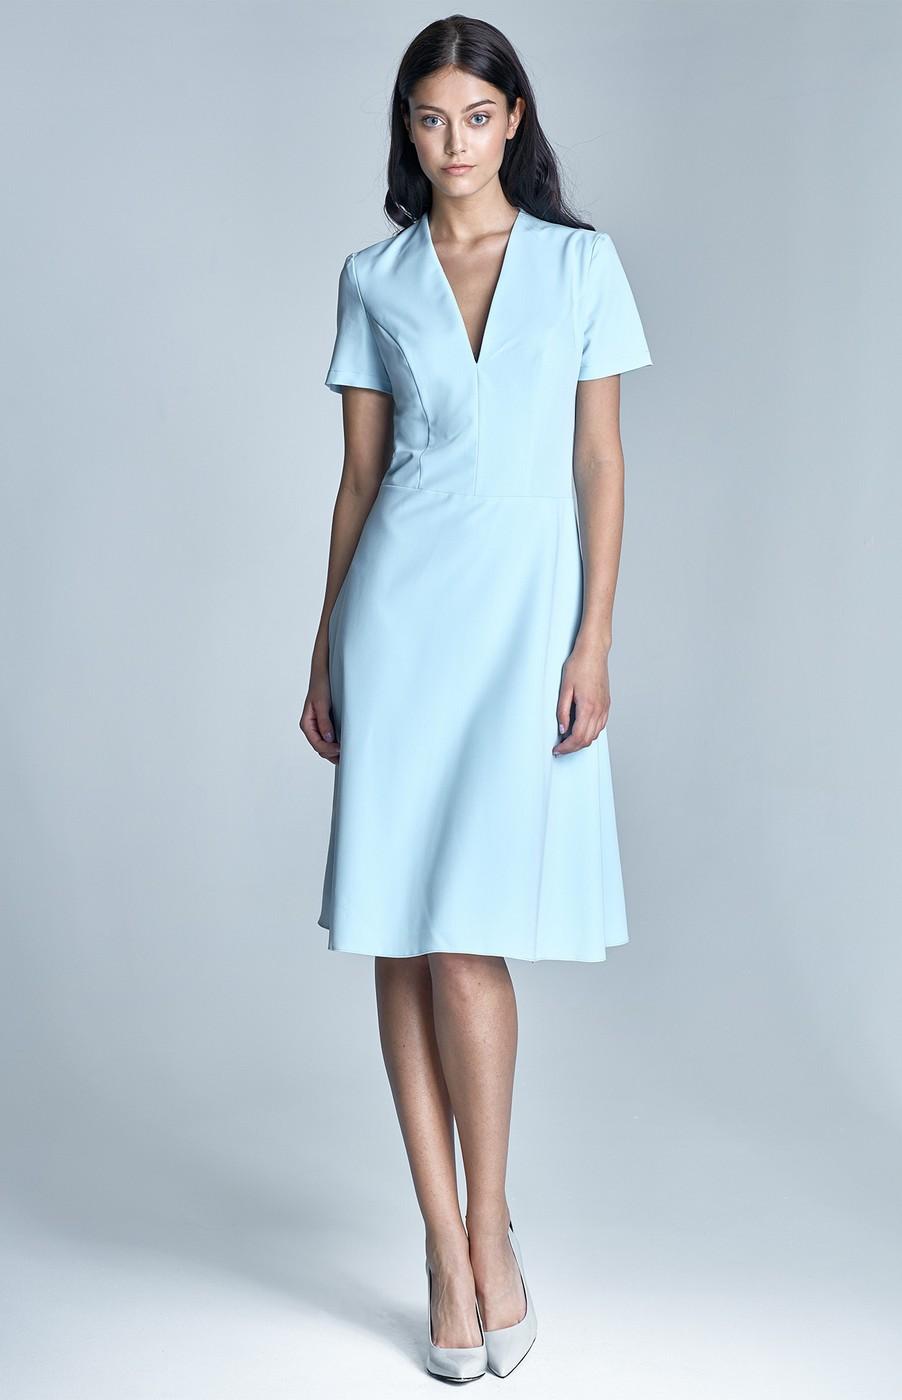 robe vas e manches courtes bleu pastel nis71bp idresstocode boutique de d shabill s et. Black Bedroom Furniture Sets. Home Design Ideas